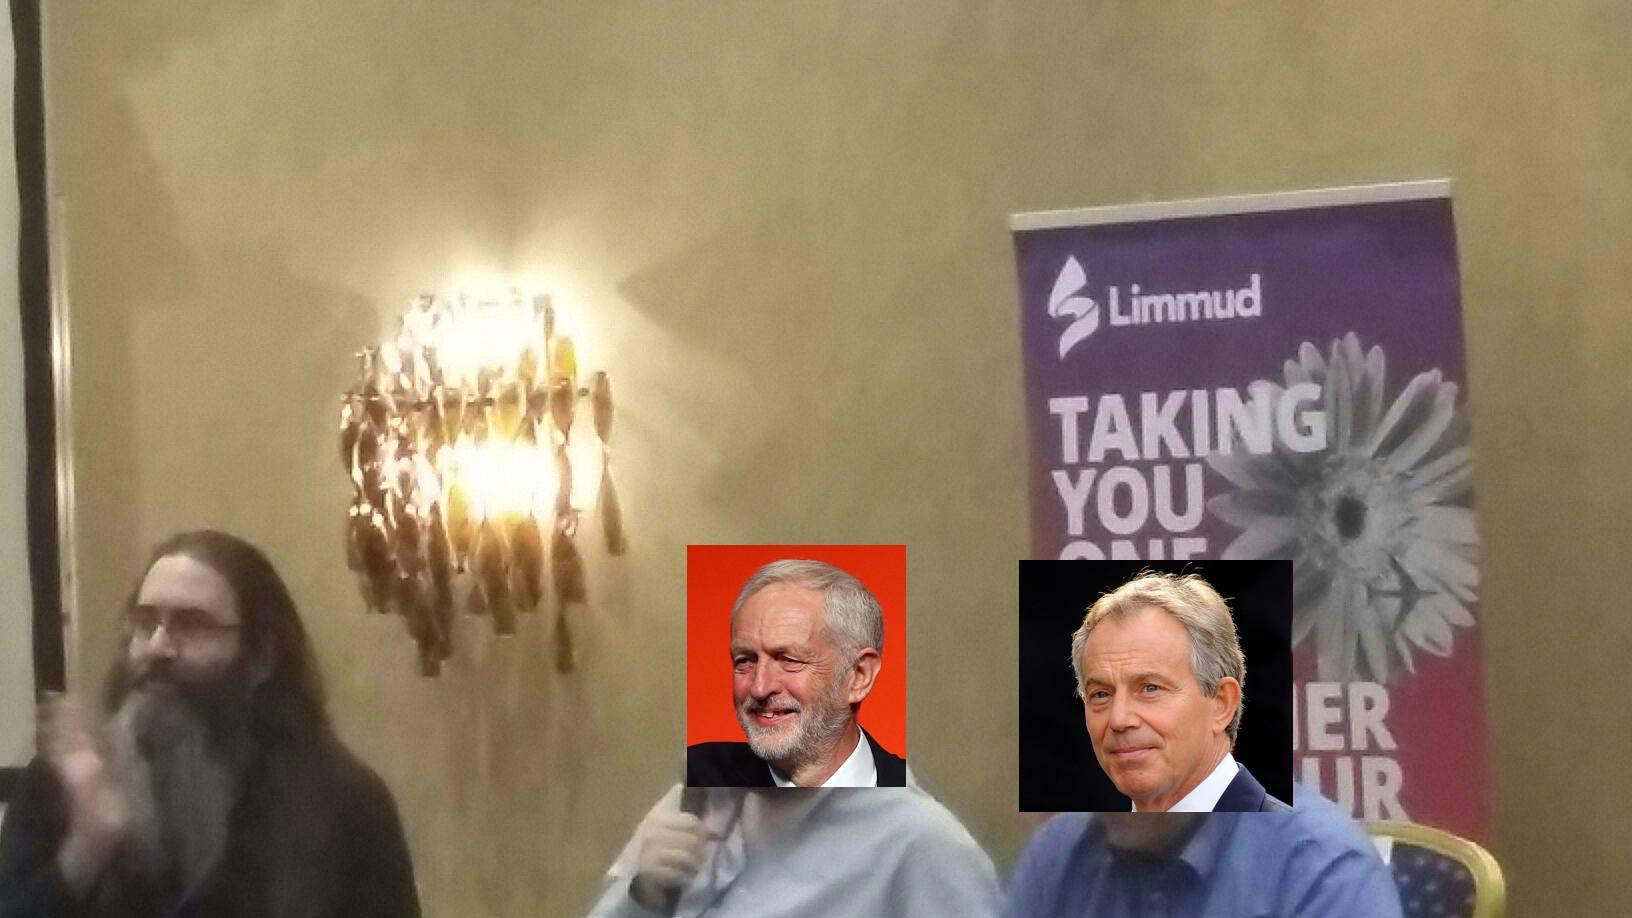 Keith moderates Dan Corbyn and Barnaby Blair at a Session at Limmud 2019